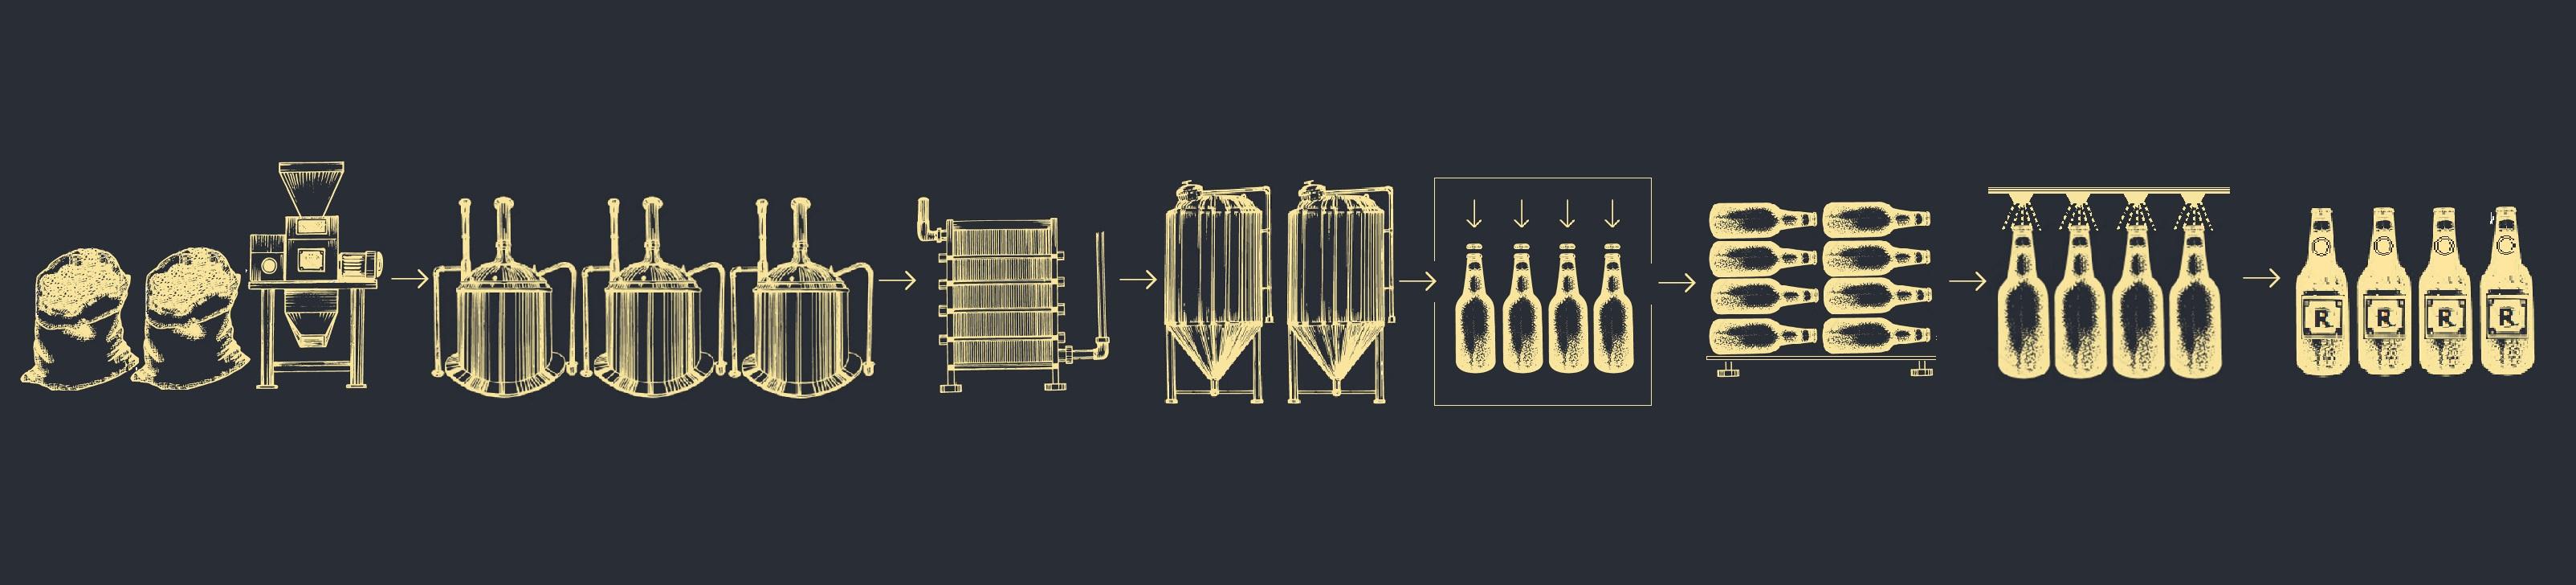 Proceso de elaboración de cerveza rios